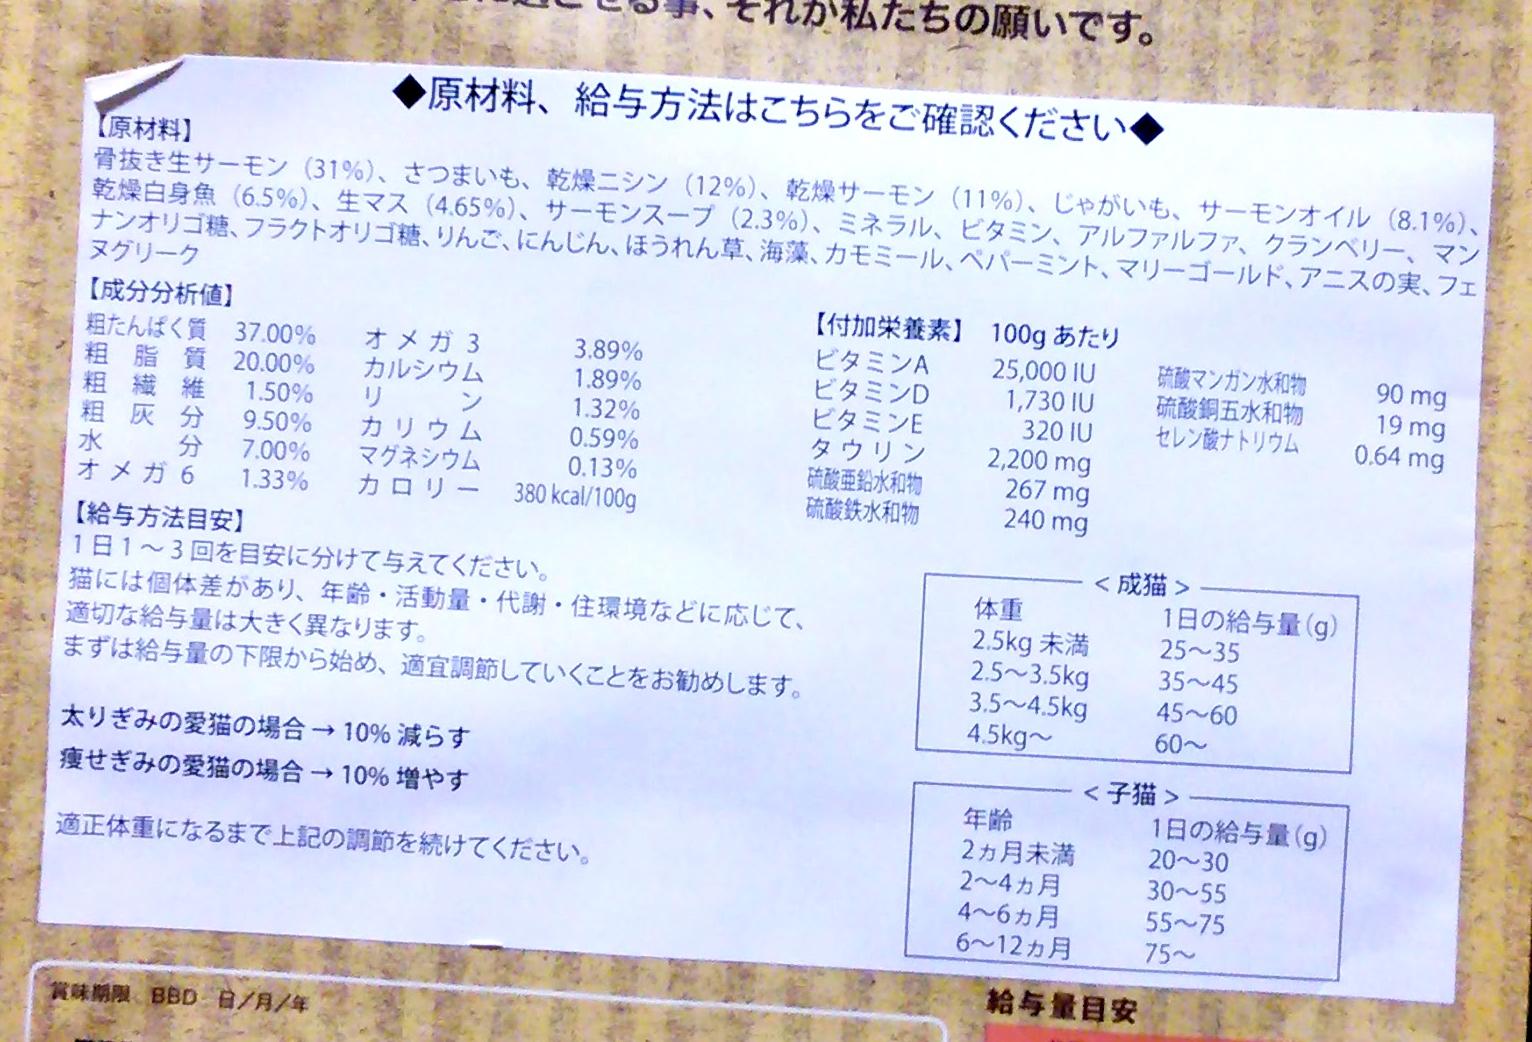 原材料の表示一覧を確認